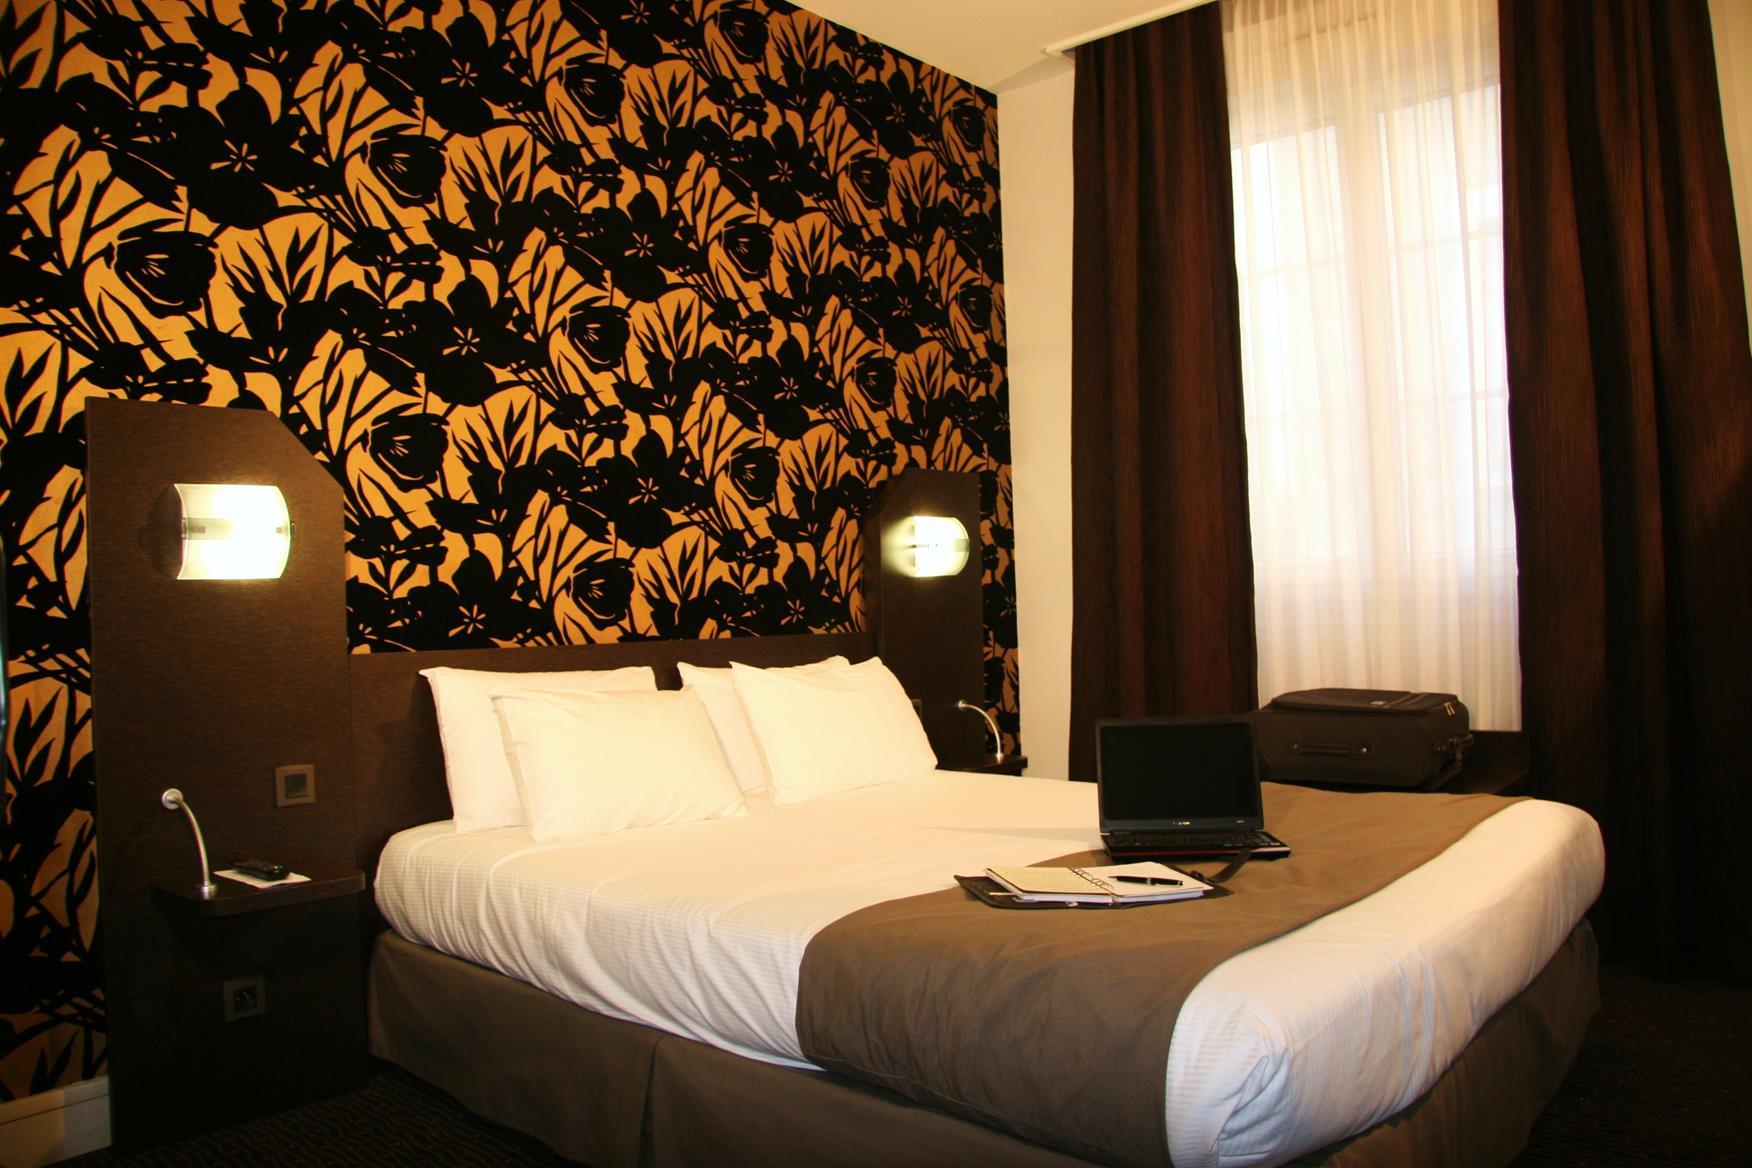 Chambre QUALYS-HOTEL Nantes Voltaire Opéra à NANTES